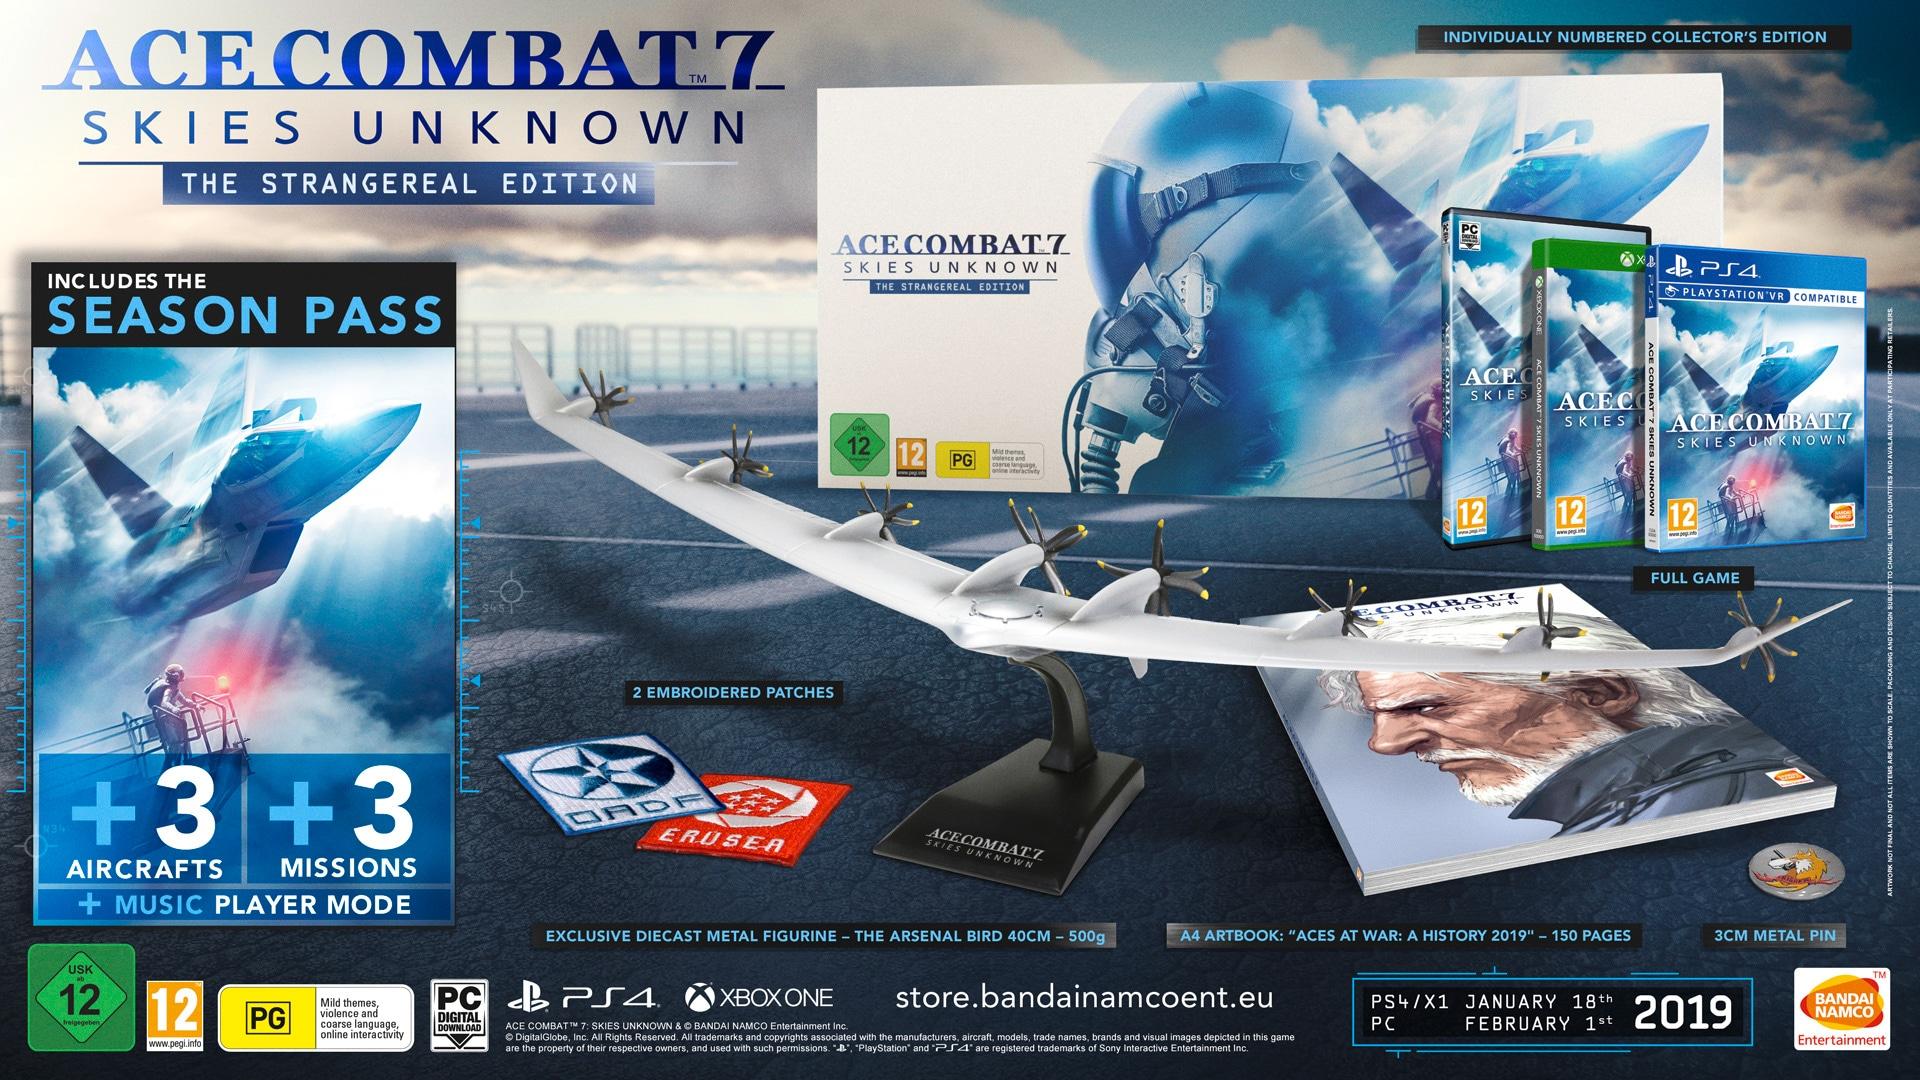 Ace Combat 7: Skies Unknown tendrá una Collector's Edition para Europa